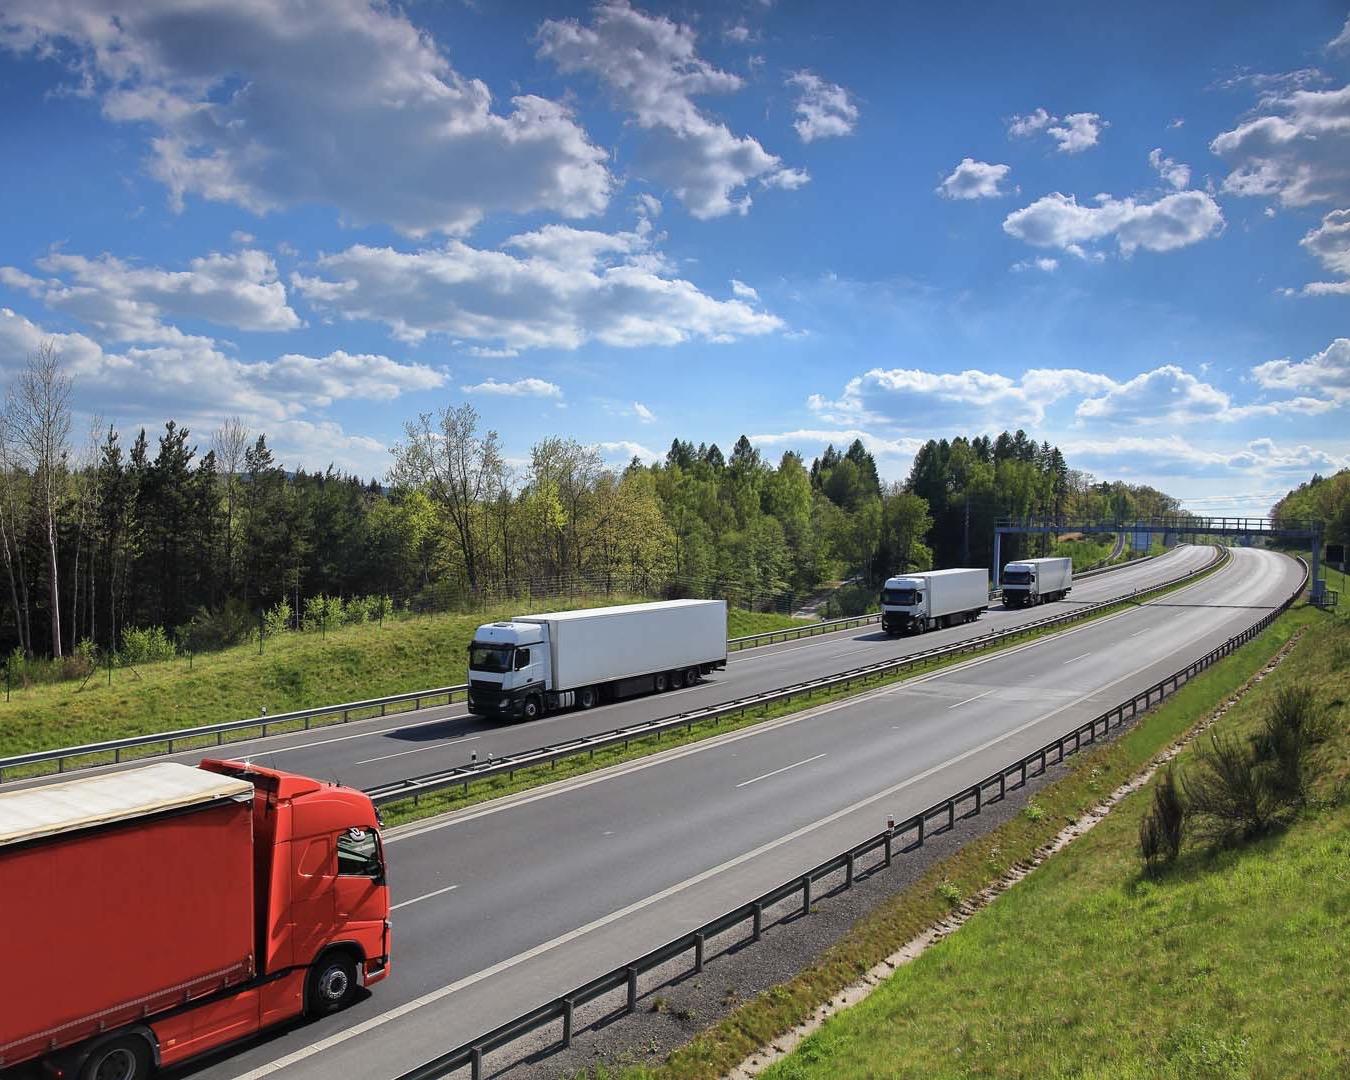 Divieto Mezzi Pesanti 2020 Calendario.Camion Divieti Di Circolazione Invernali In Tirolo Su A 12